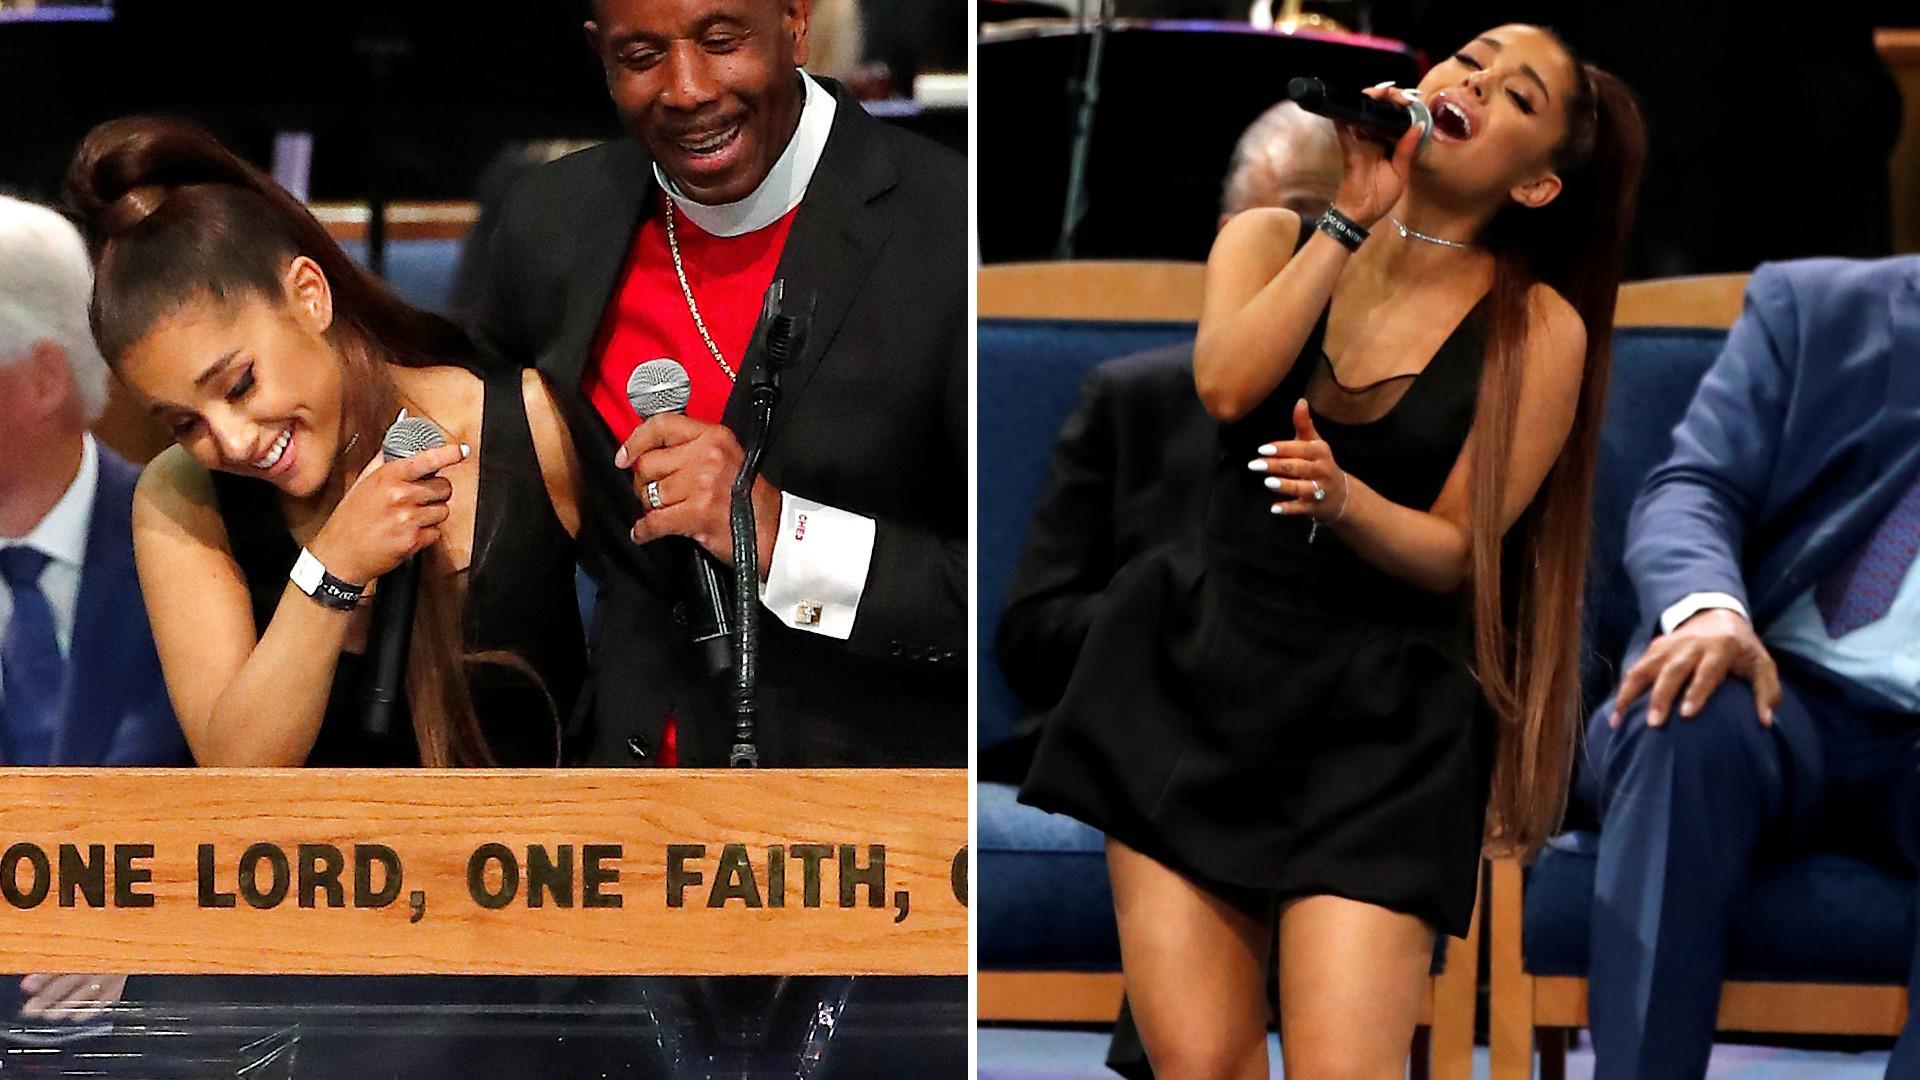 SKANDAL na pogrzebie Arethy Franklin – pastor OBMACYWAŁ Arianę Grande? (ZDJĘCIA)